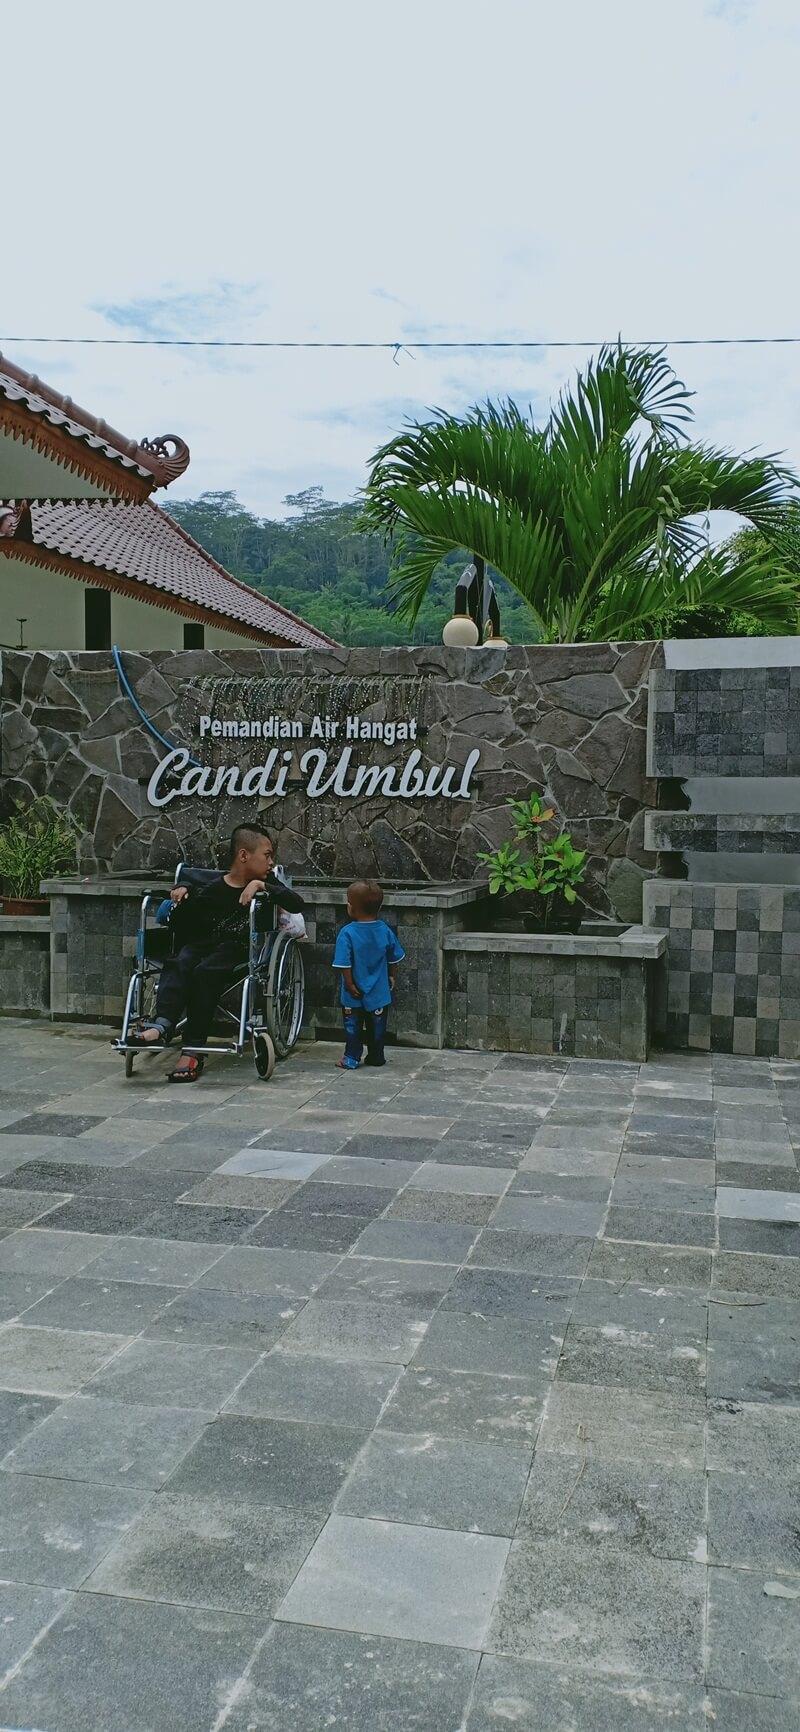 landmark candi umbul